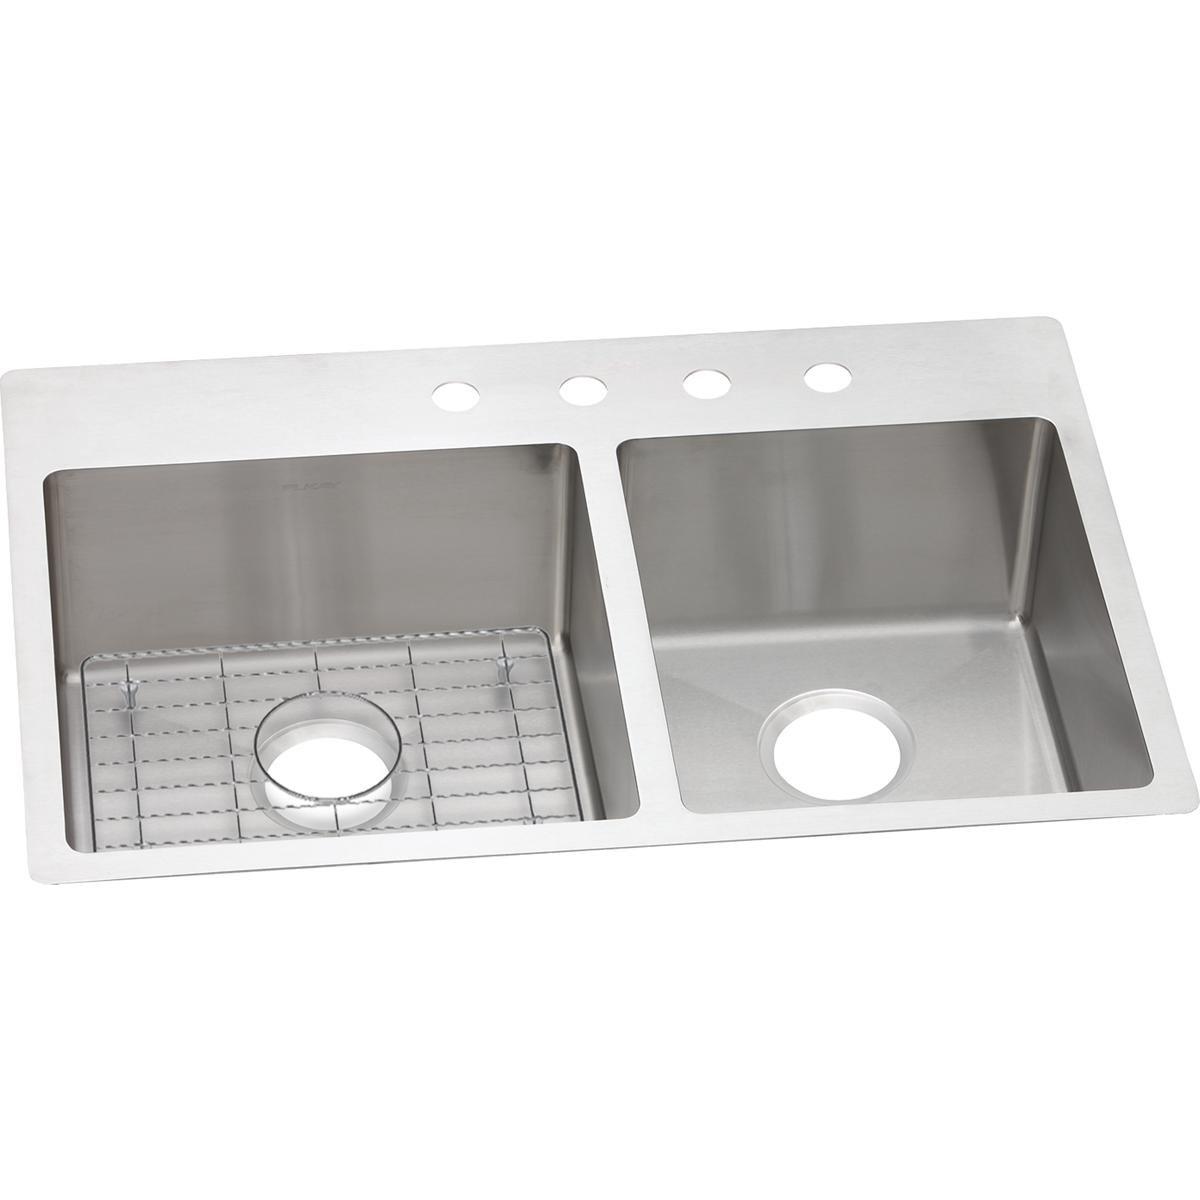 Elkay Crosstown ECTSRO33229RBG4 60/40 Double Bowl Dual Mount Stainless Steel Sink Kit